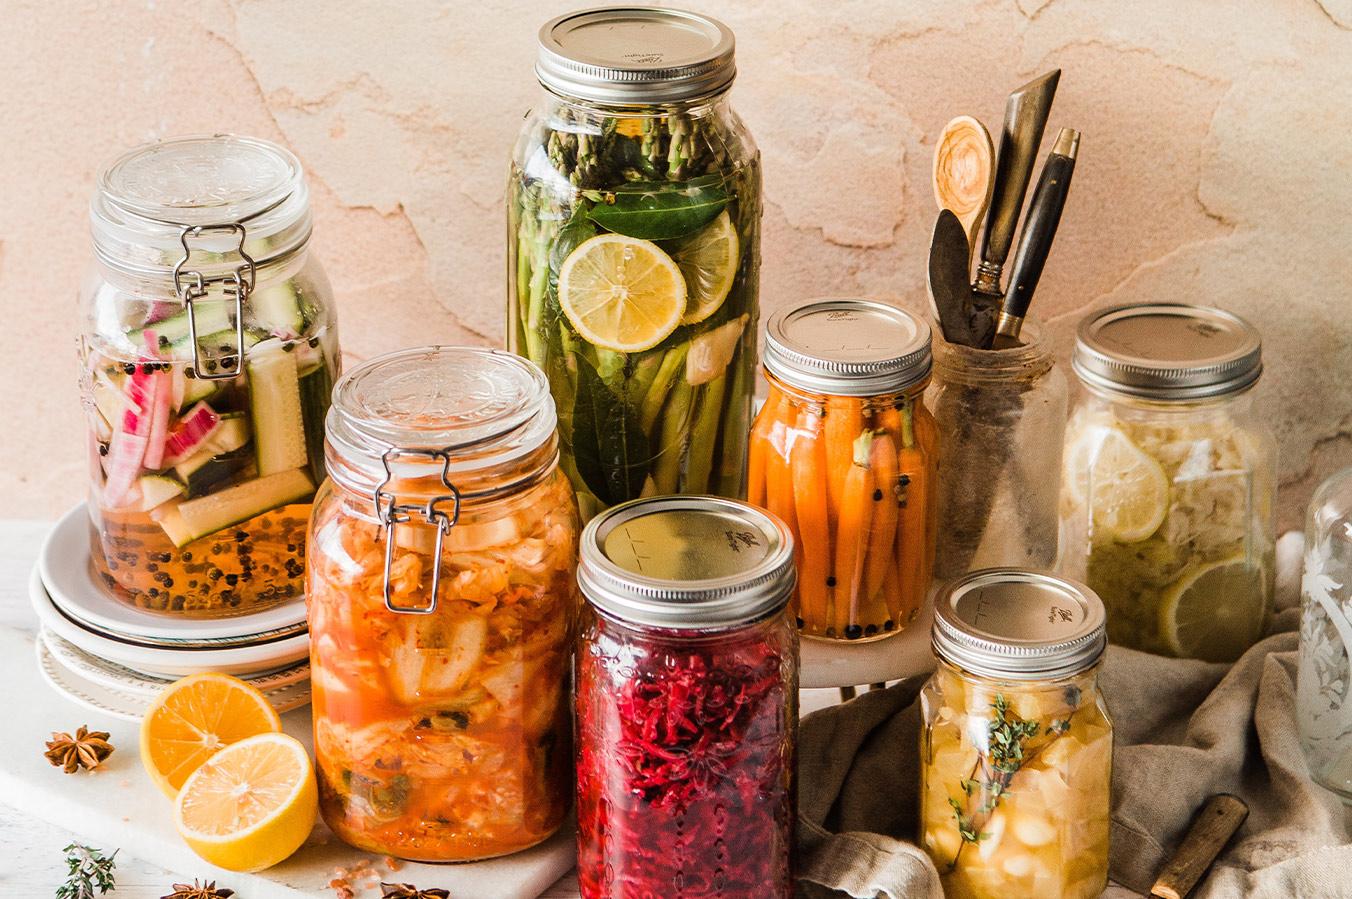 Čo je to fermentovanie? 5 tipov, ako to zvládnete aj doma!